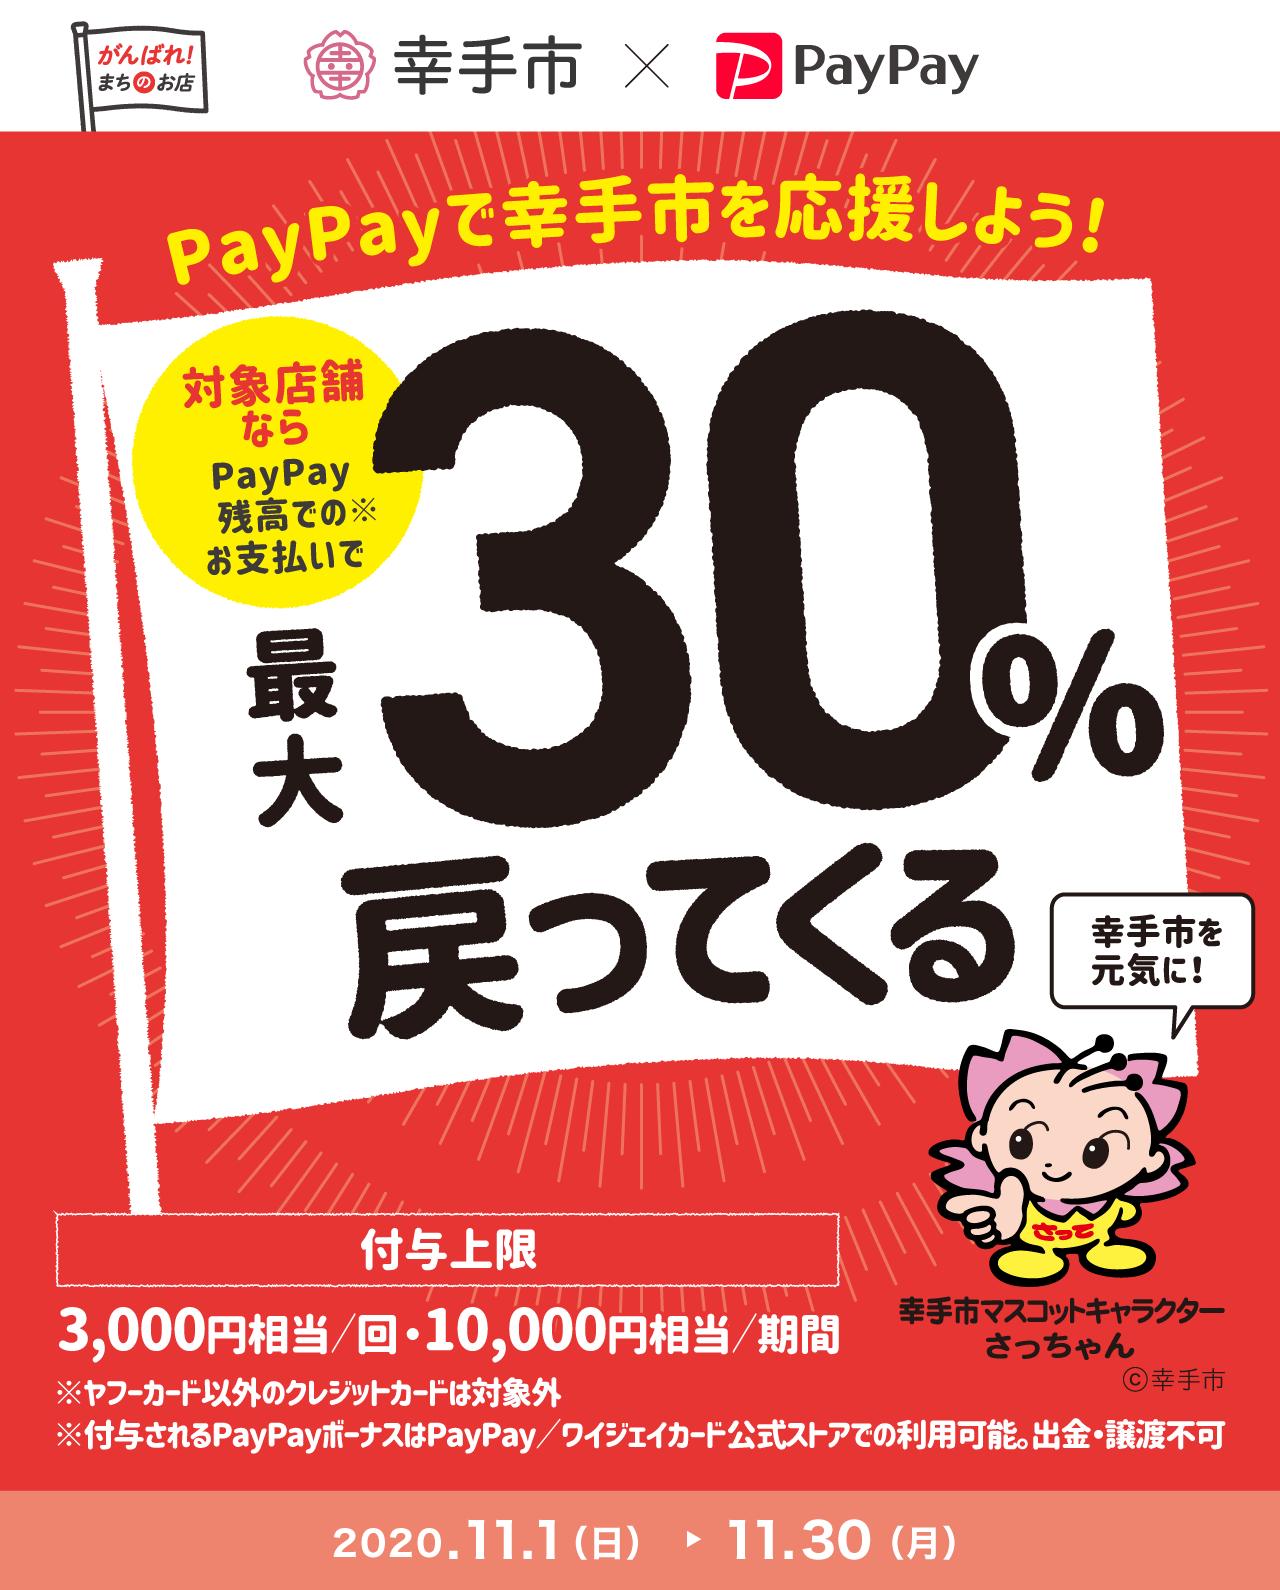 PayPayで幸手市を応援しよう! 対象店舗ならPayPay残高でのお支払いで最大30%戻ってくる